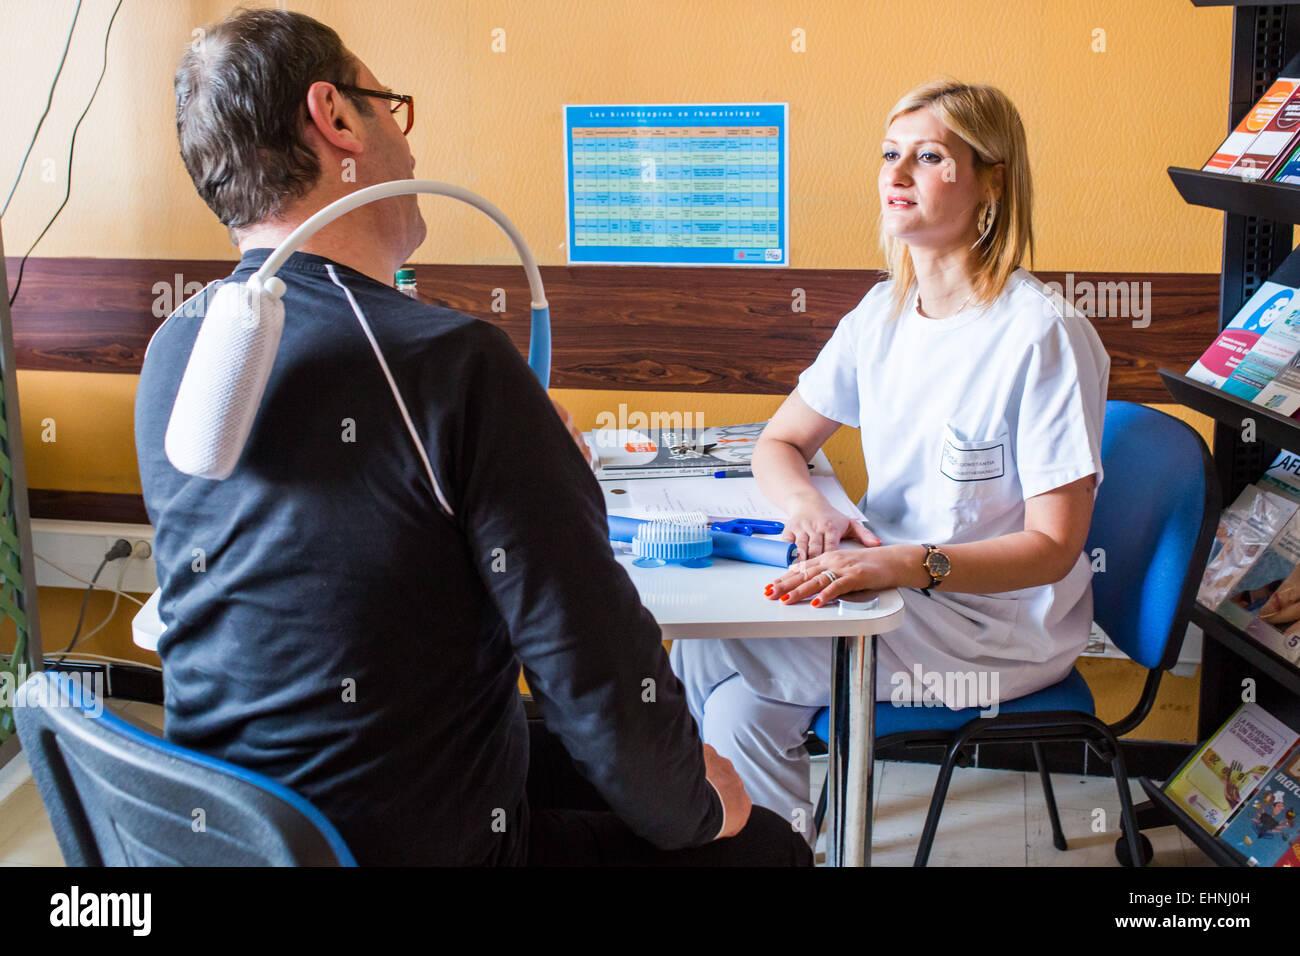 L'évaluation fonctionnelle et de conseils sur les aides techniques faites par un ergothérapeute avec Photo Stock